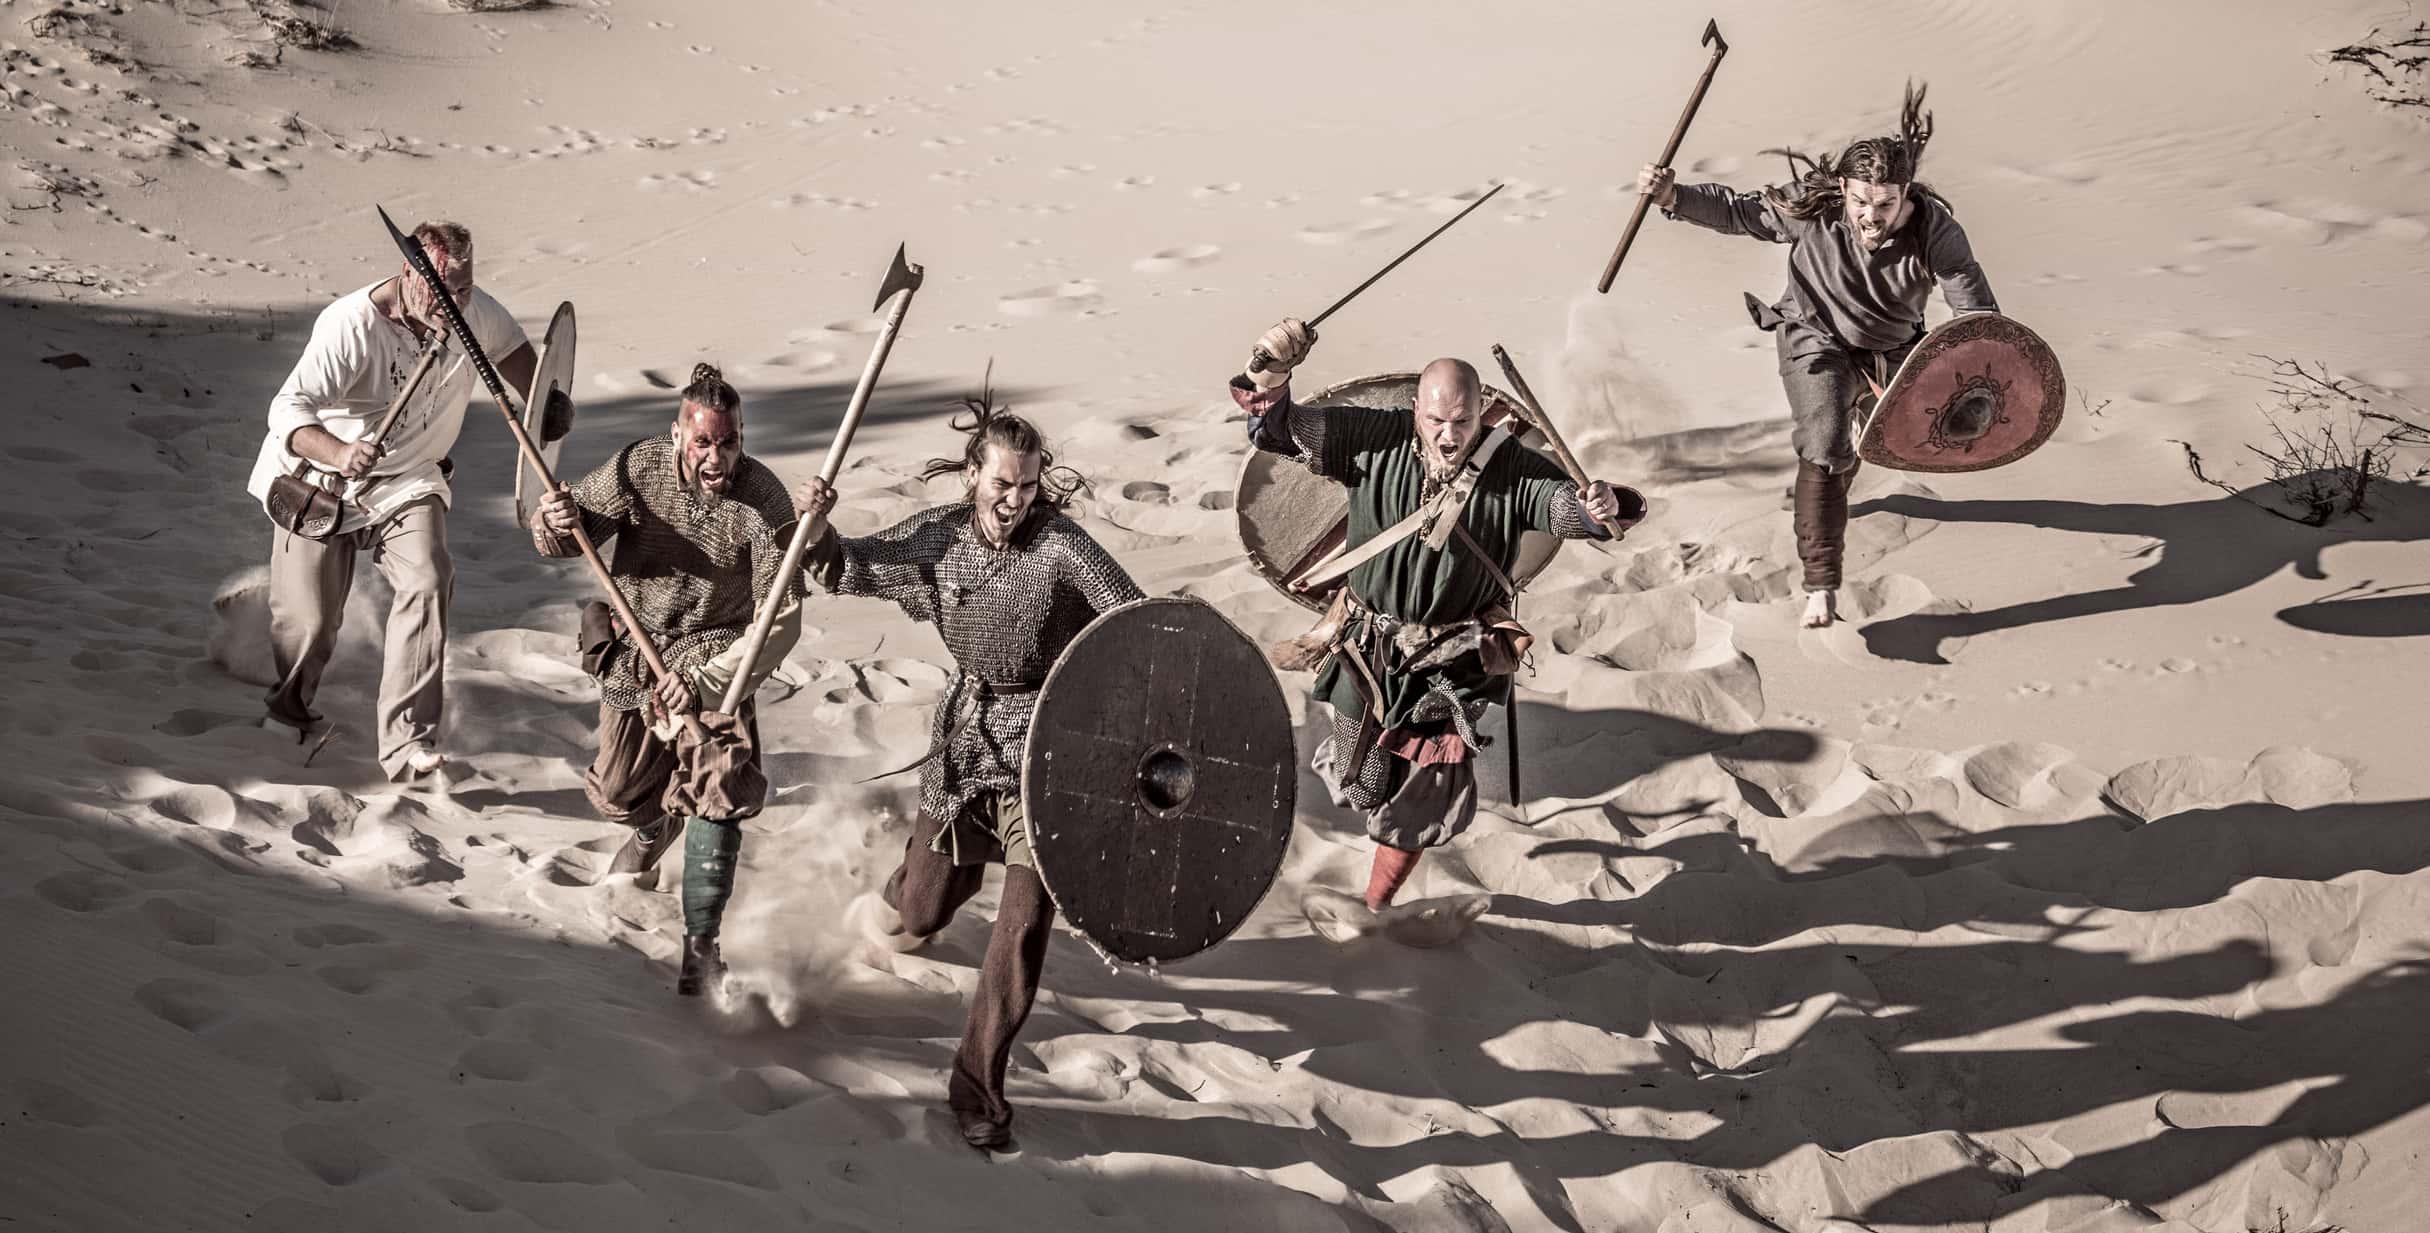 A hoard of Weapon wielding viking warriors on a sandy battlefield dune